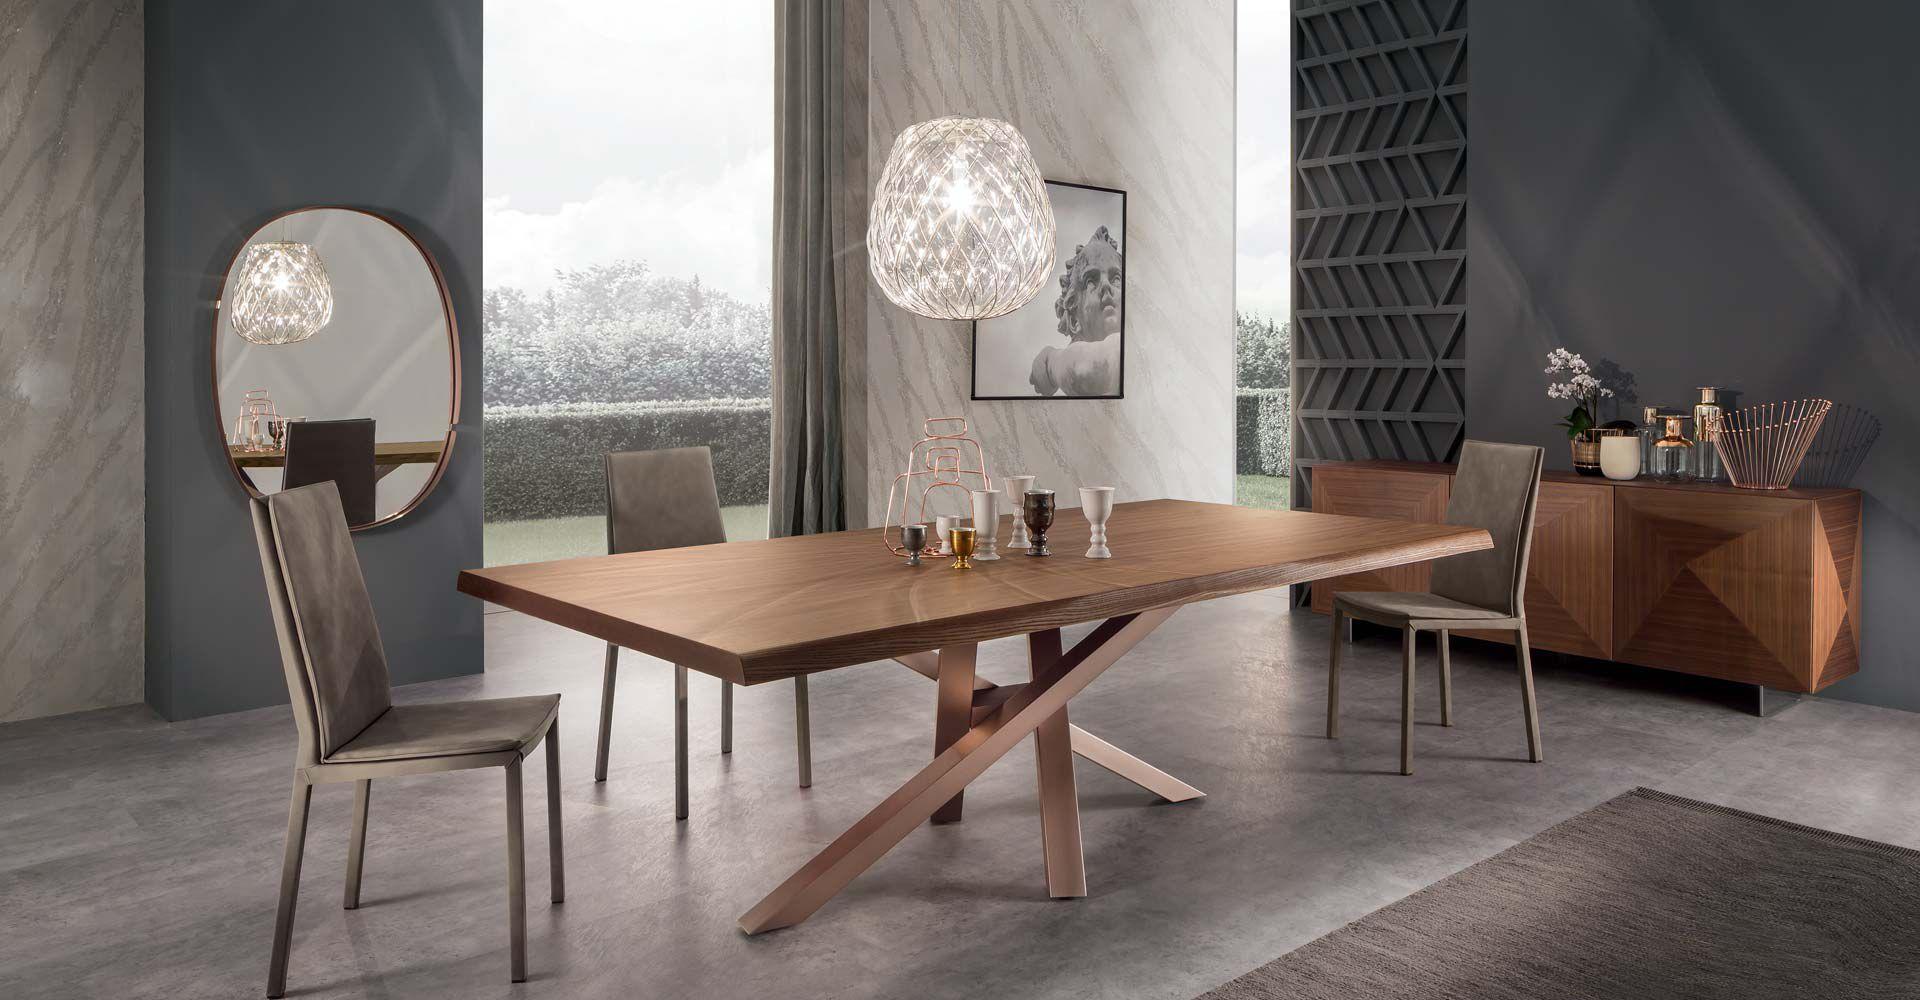 Tavolo da pranzo moderno in legno in cristallo in alluminio